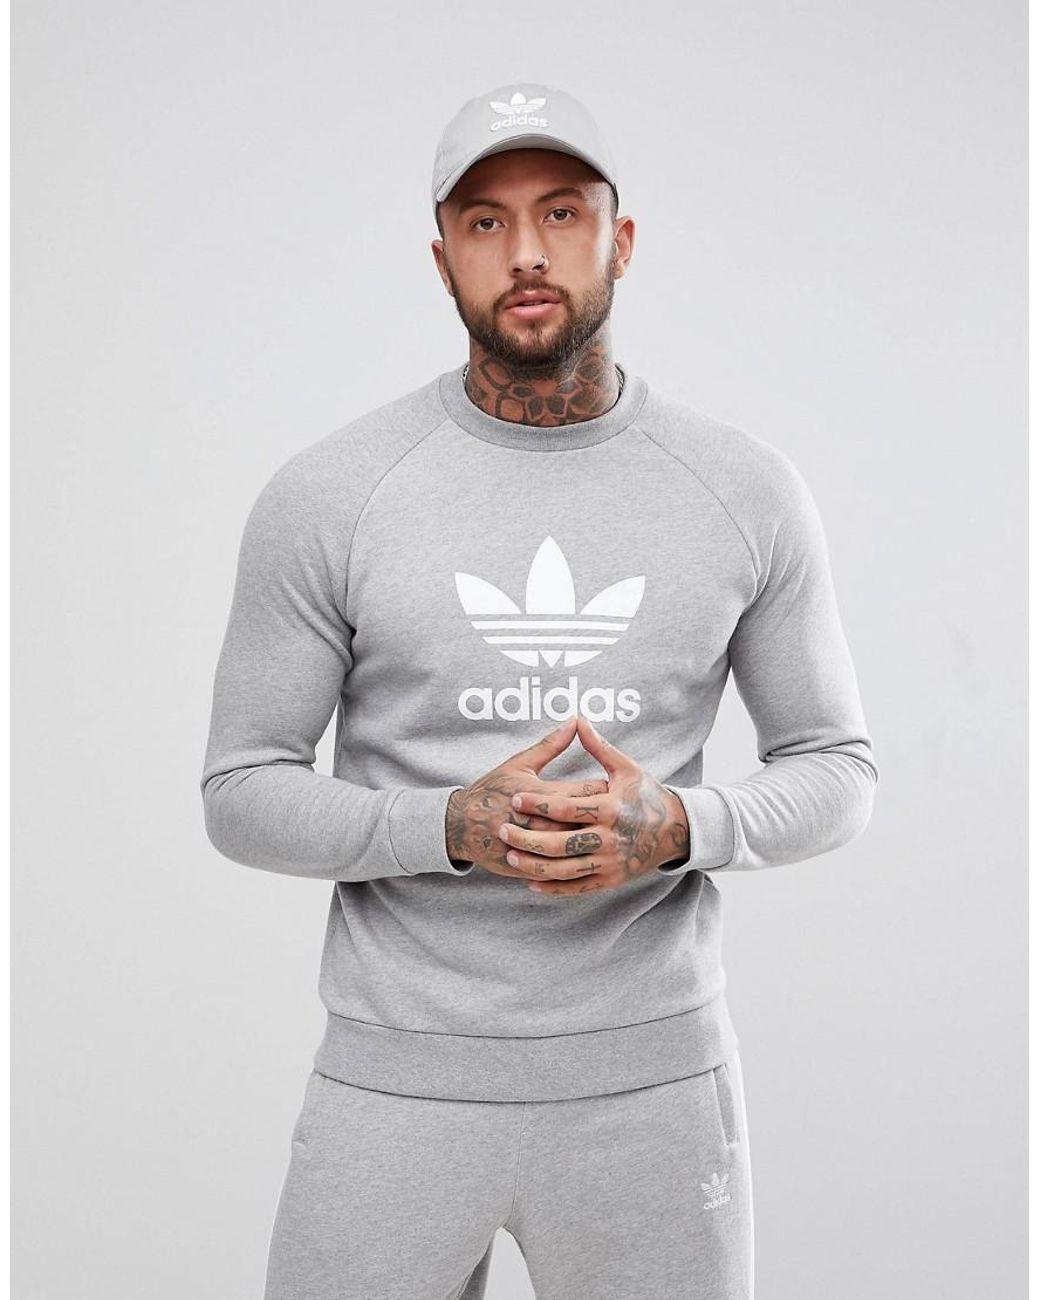 Herren Adicolor Graues Sweatshirt mit Trefoil Logo cy4573